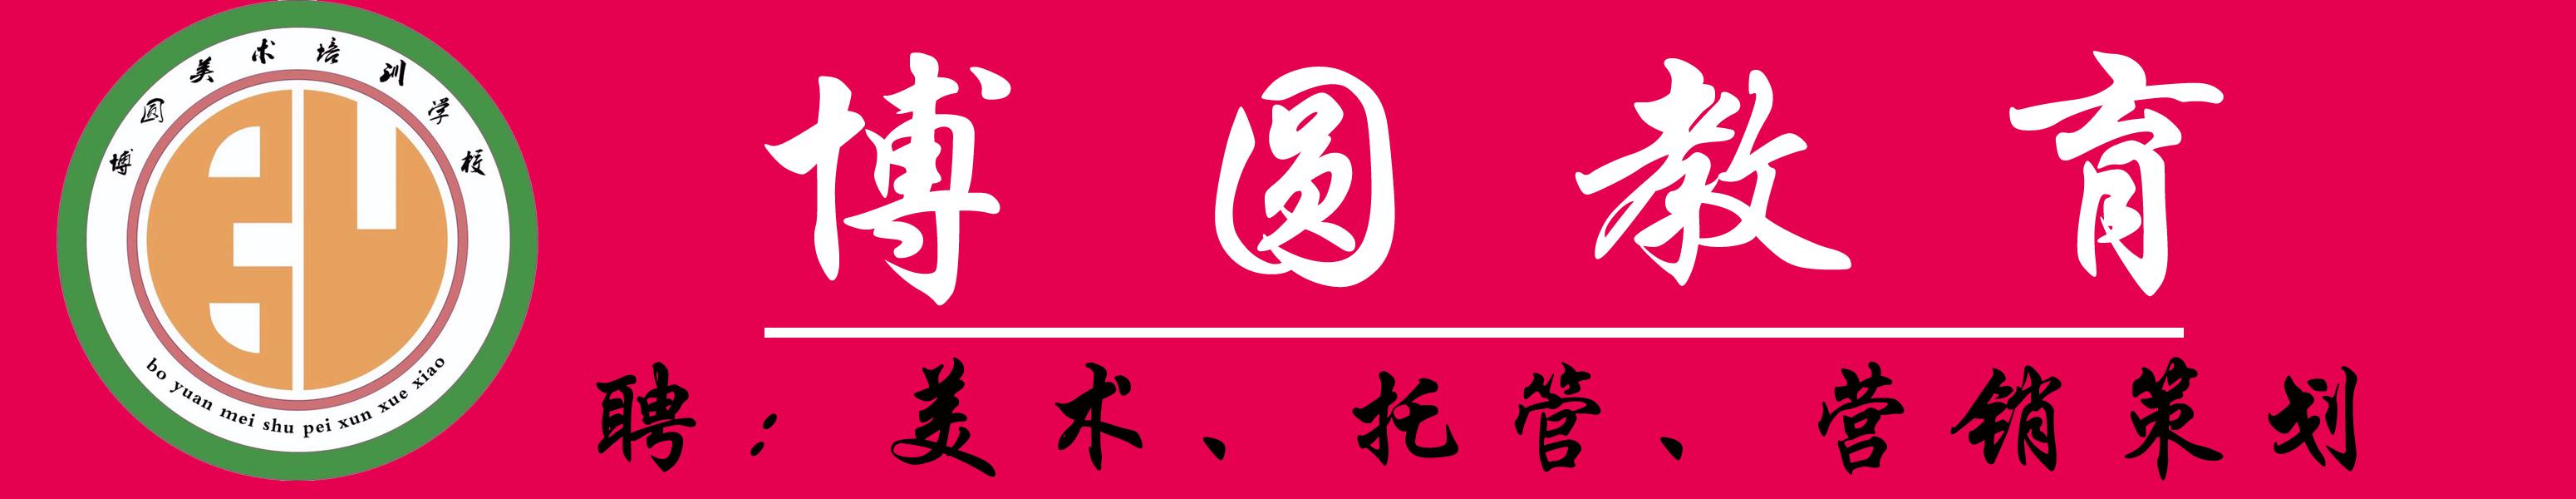 博圆艺术文化培训学校(涂鸦堡+博圆美术+易静画室)